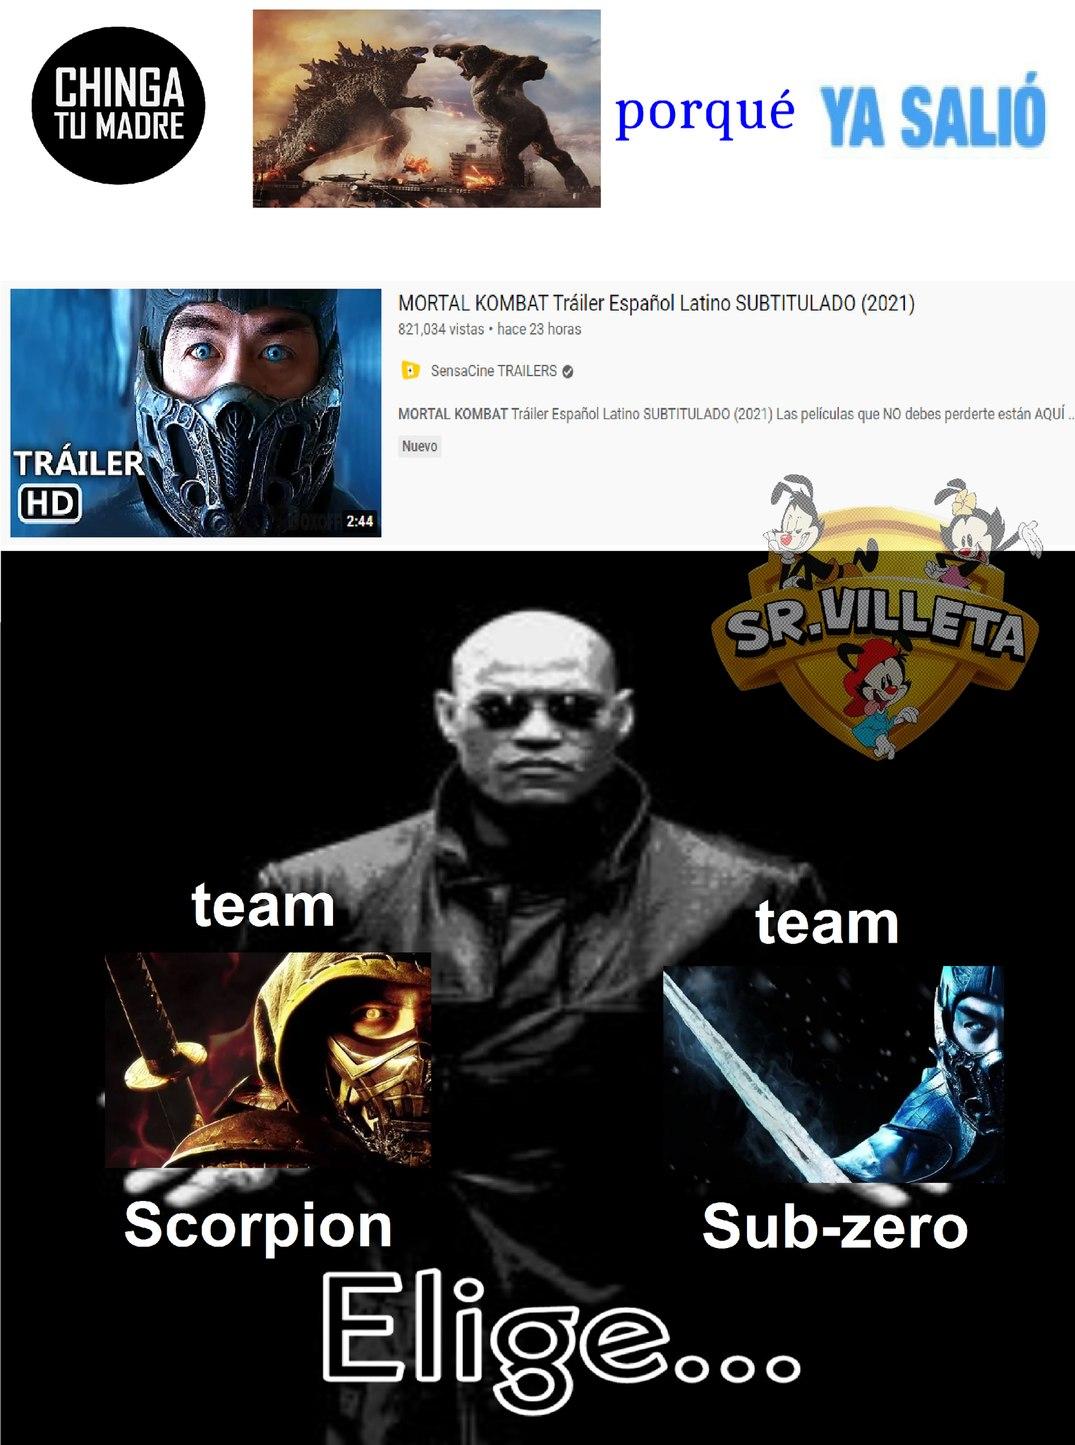 finalmente sabremos como termino la batalla de rap de scorpion vs sub-zero - meme